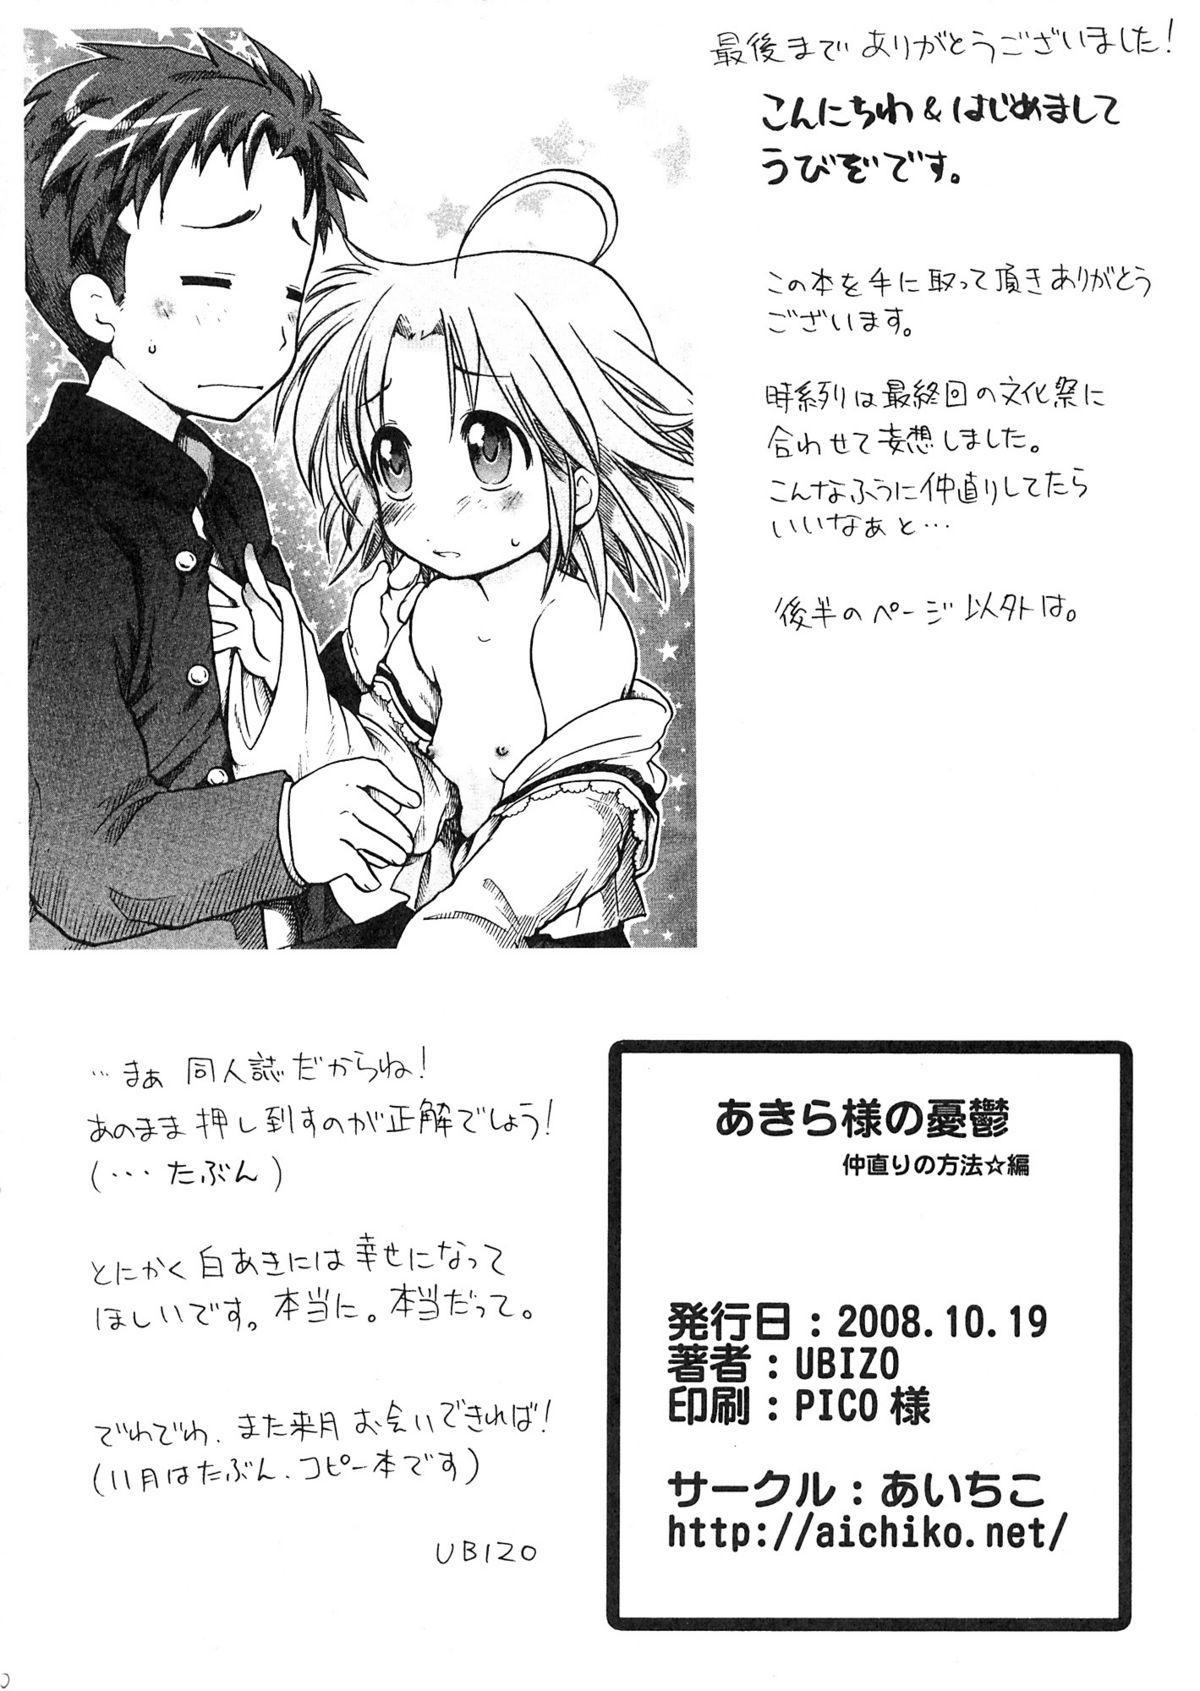 Akira-sama no Yuuutsu 29